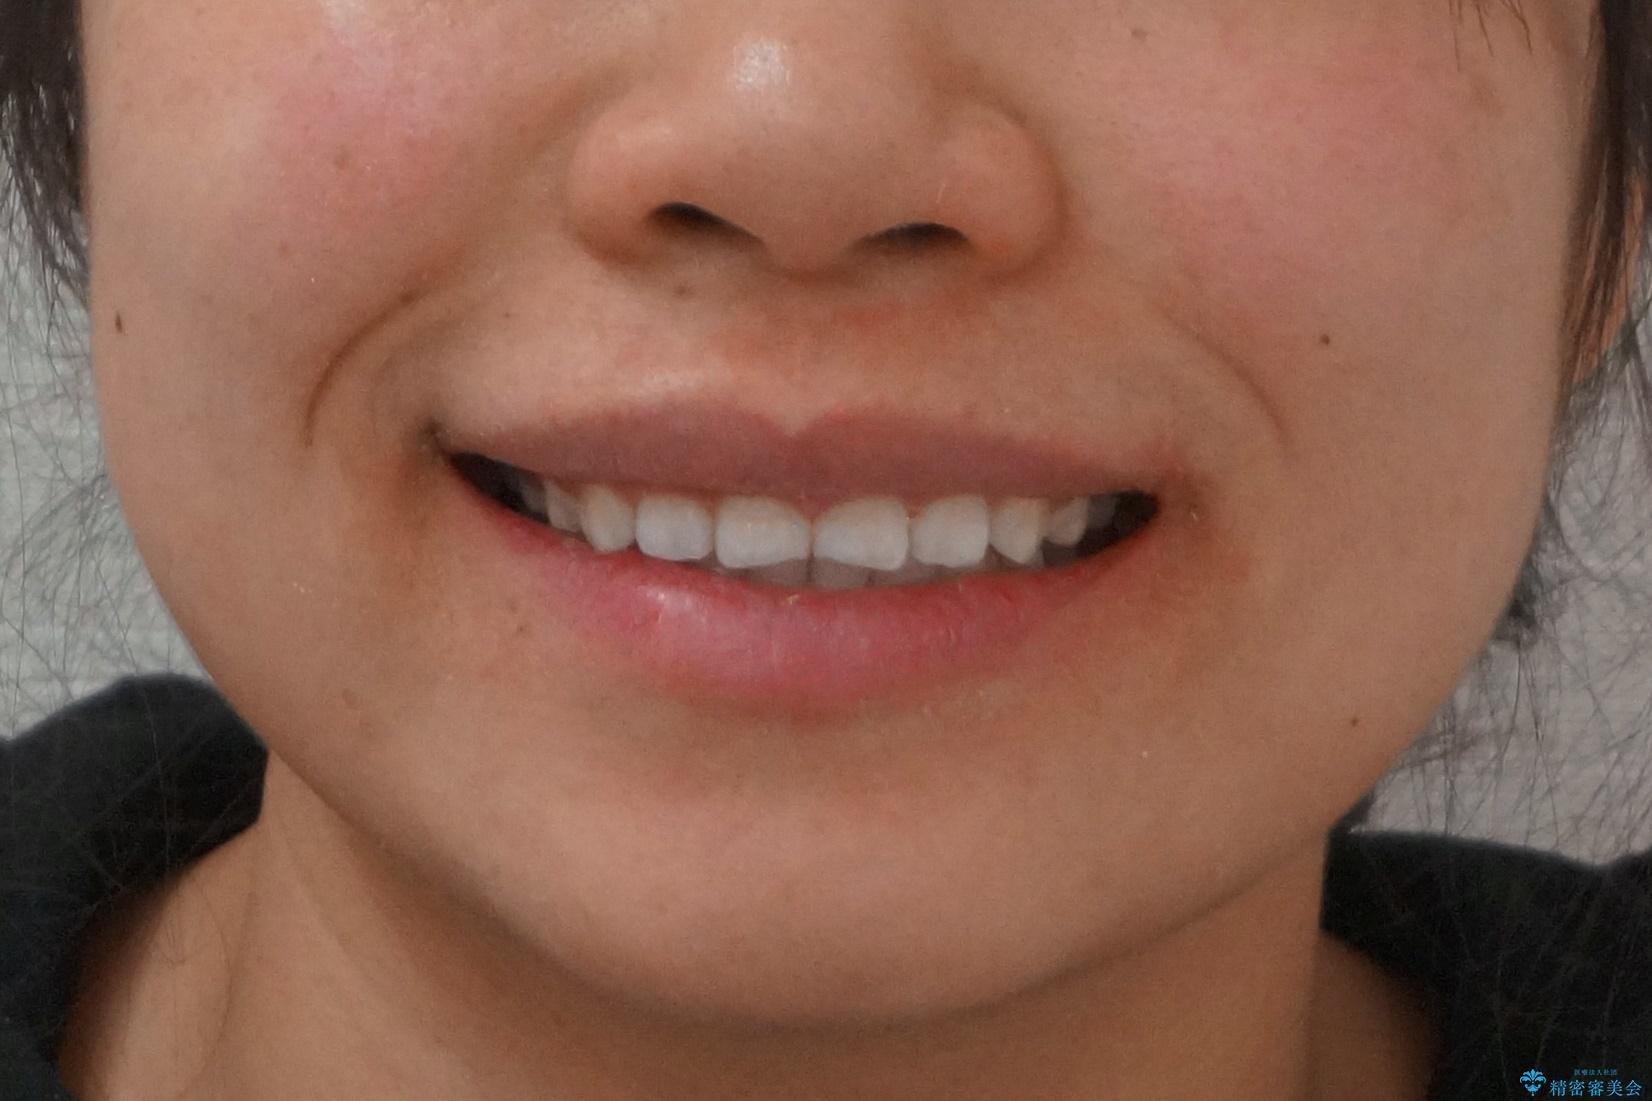 インビザライン 気になるすきっ歯の改善の治療後(顔貌)